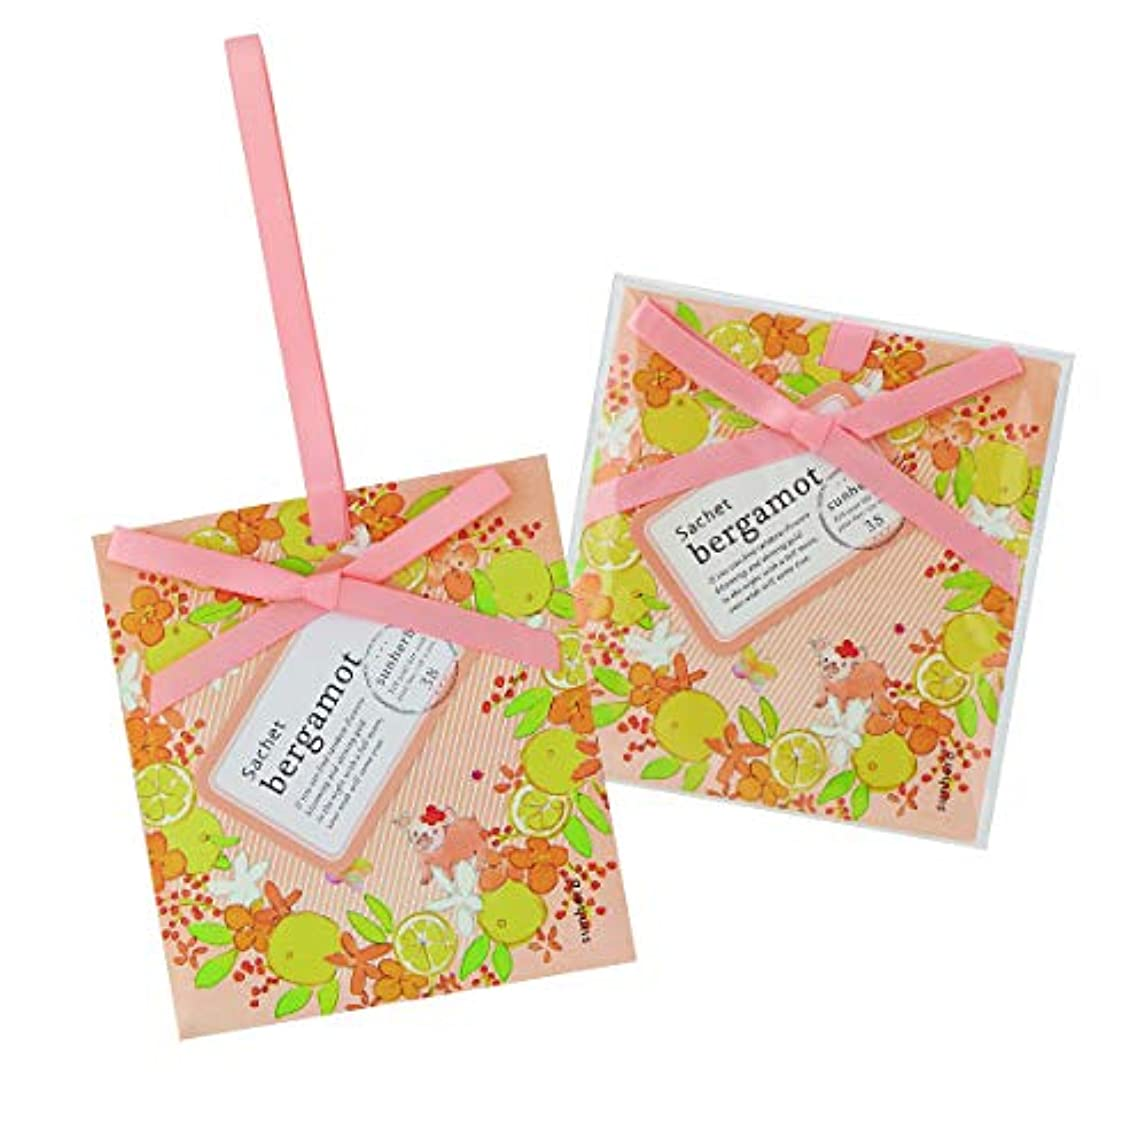 流行入場広々サンハーブ サシェ ベルガモット 12個(芳香剤 香り袋 懐かしい甘酸っぱい香り)